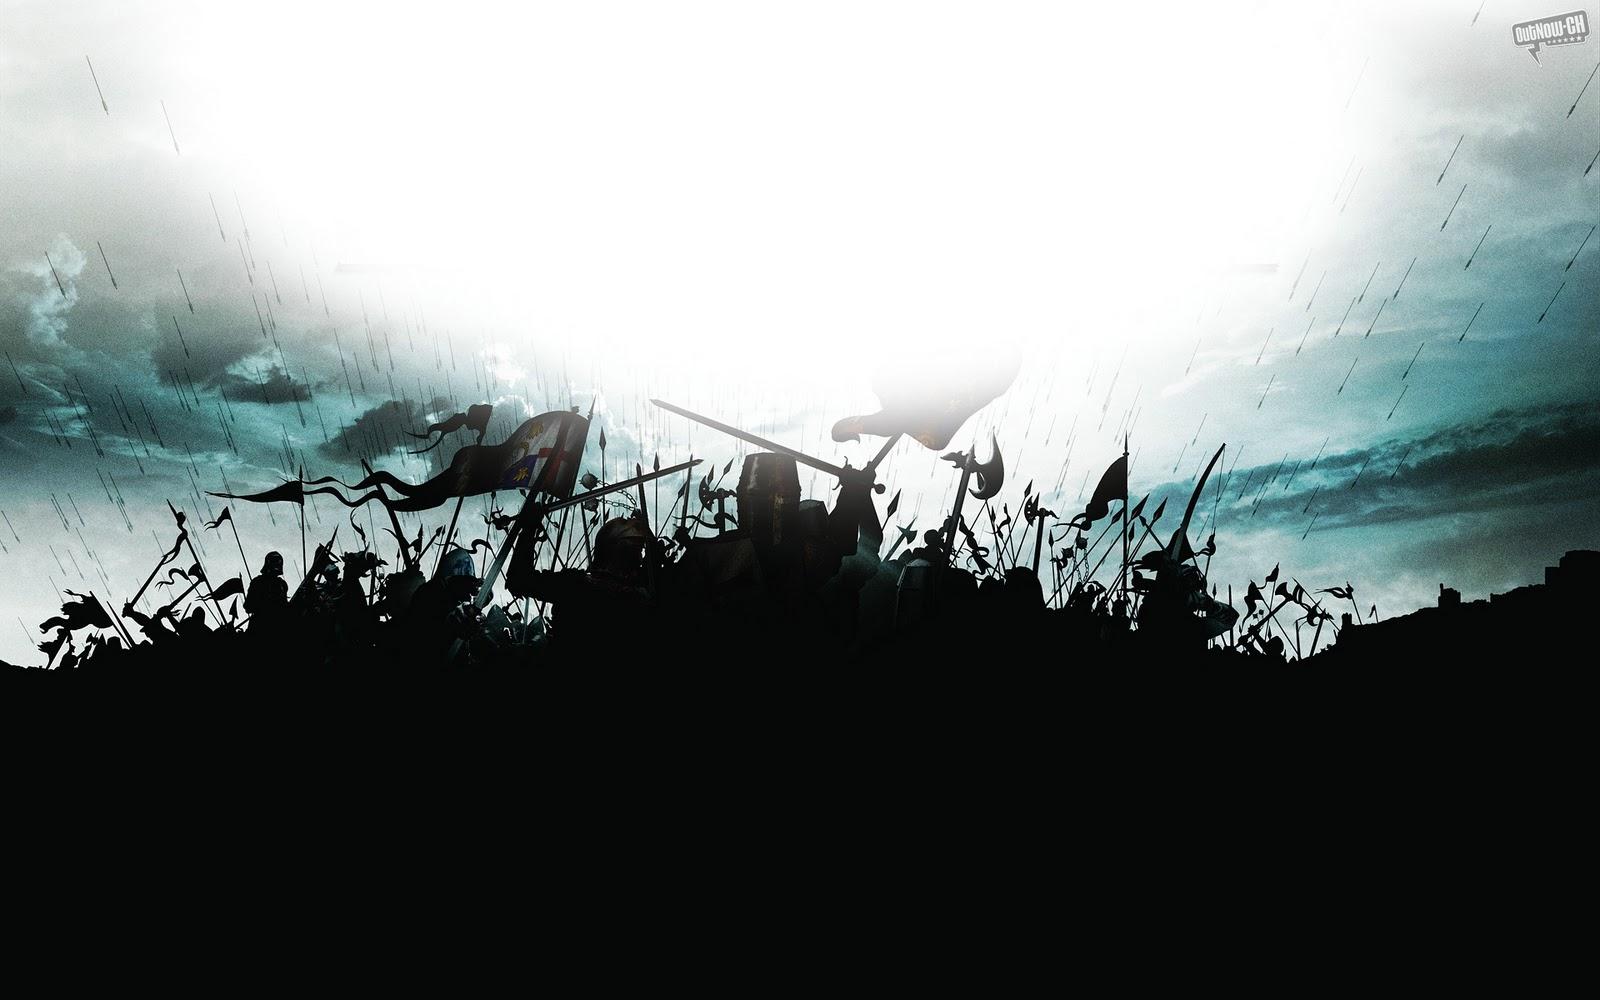 http://4.bp.blogspot.com/-jIDZGiiHgD4/TtwPBjRs2LI/AAAAAAAAJmA/QPrhFKdzzkE/s1600/grandes-batallas-de-la-edad-media-wallpapers_25192_1920x1200.jpg